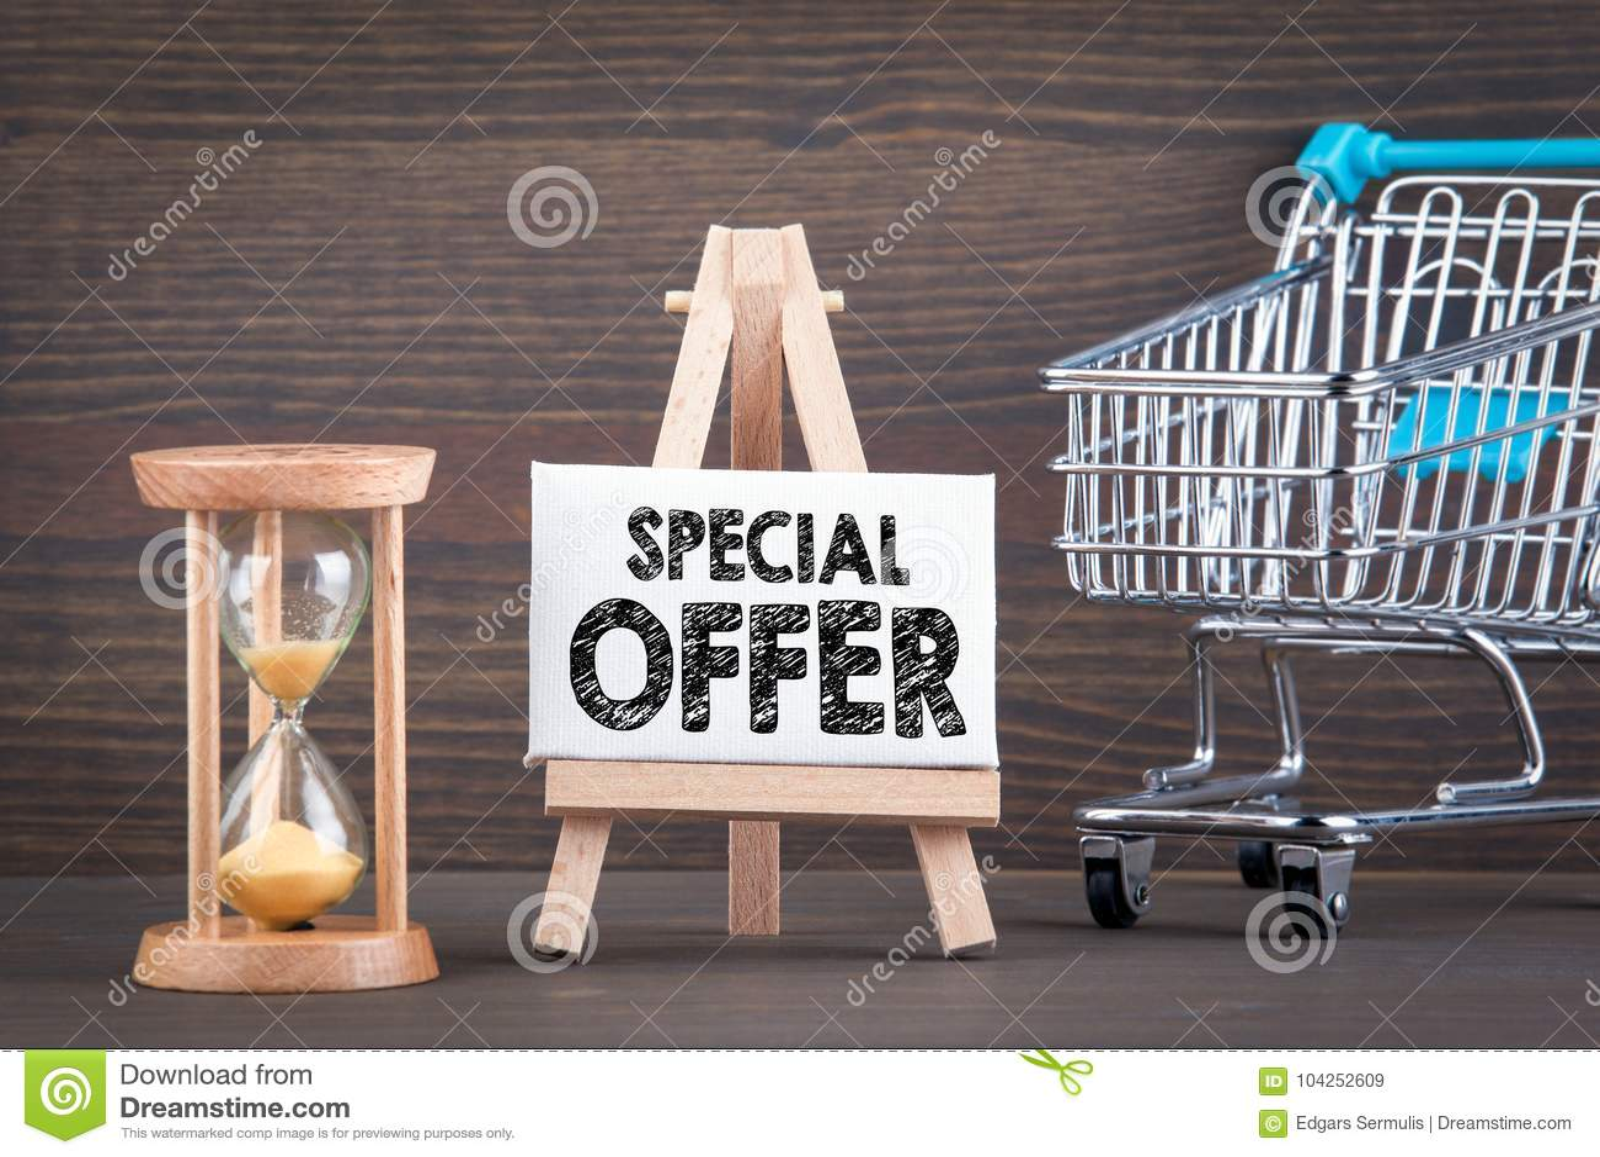 特价优待概念 在木桌上的Sandglass、滴漏或者蛋定时器